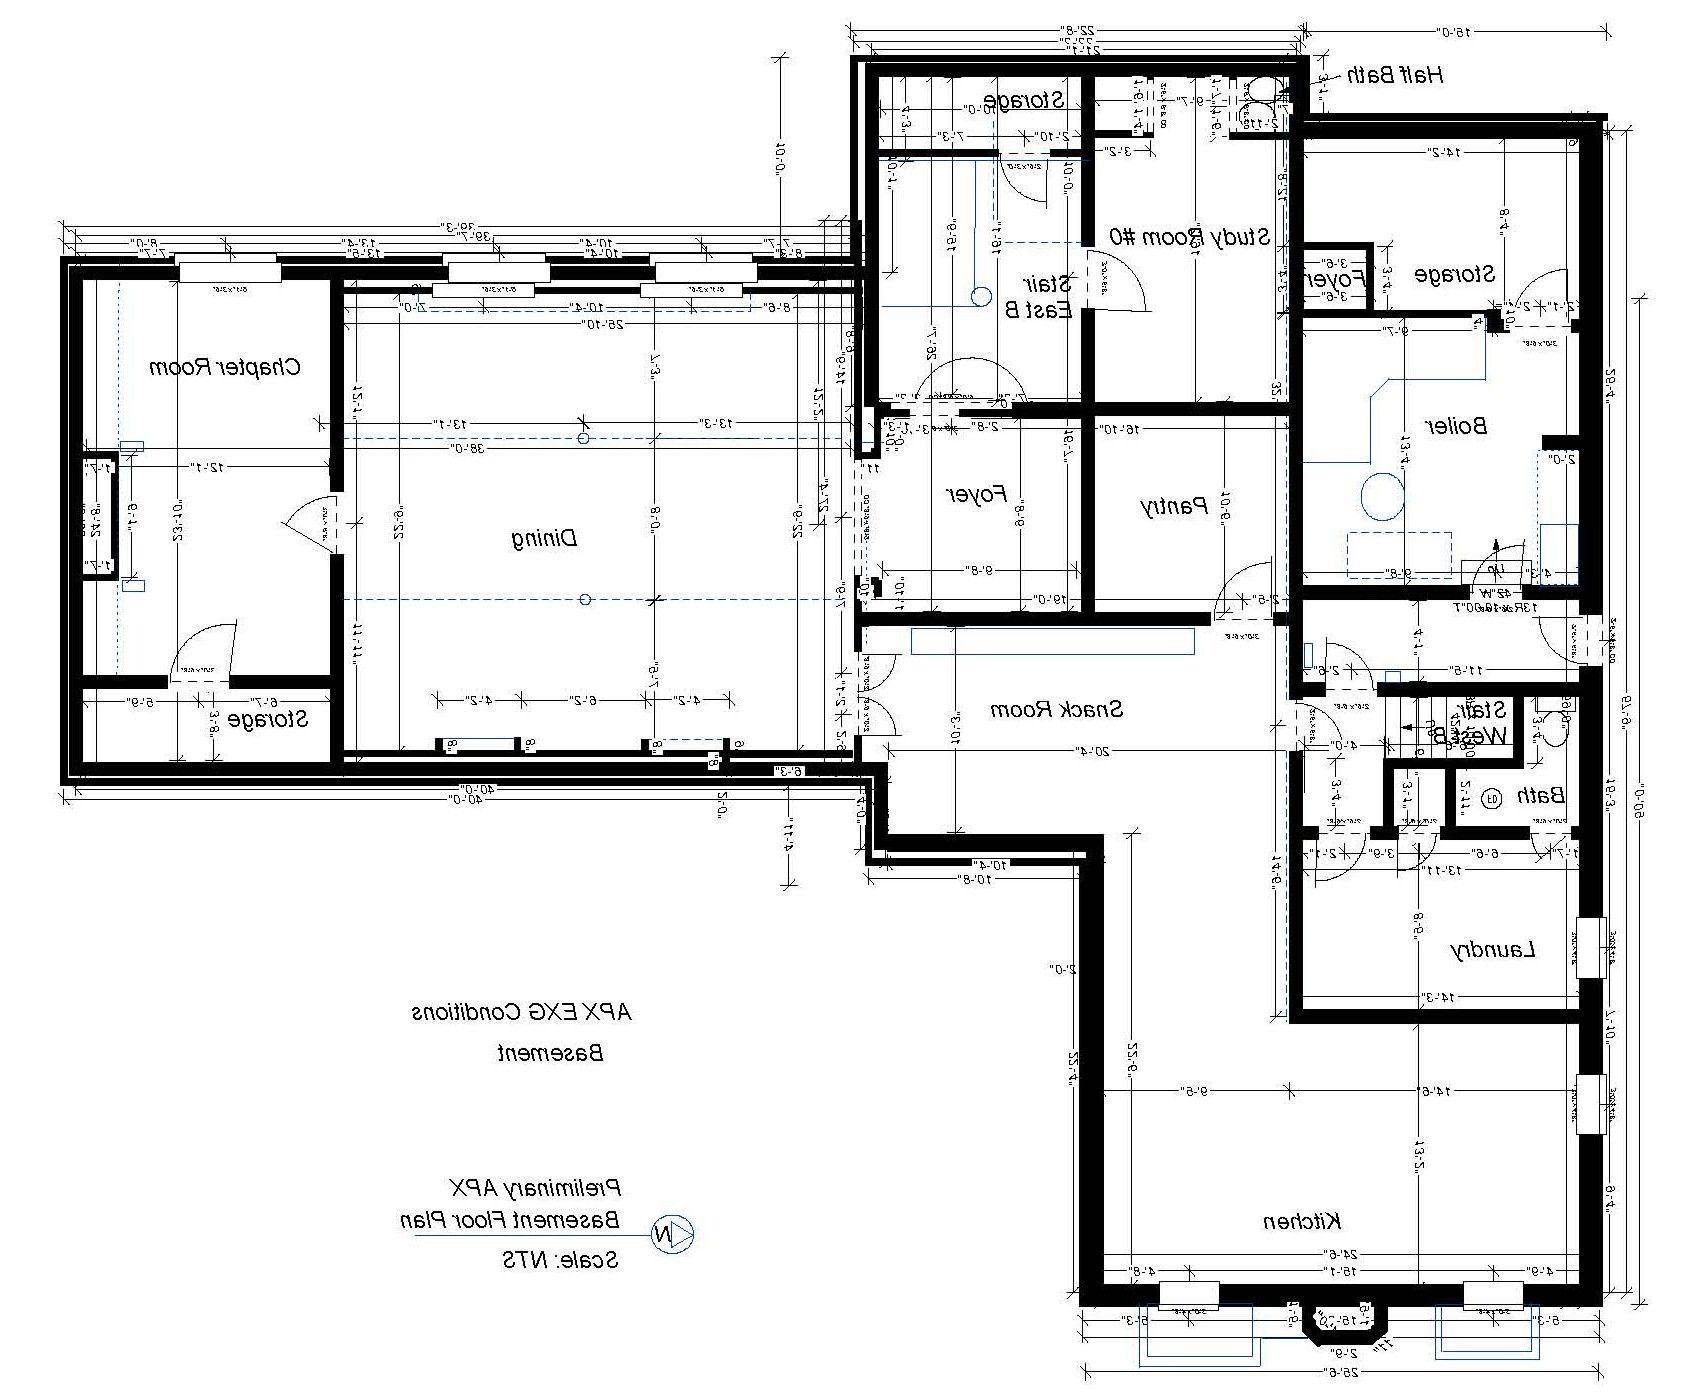 Basement Floor Plans Marvelous Basement Blueprints 4 Basement From Basement Remodeling Floor Plans